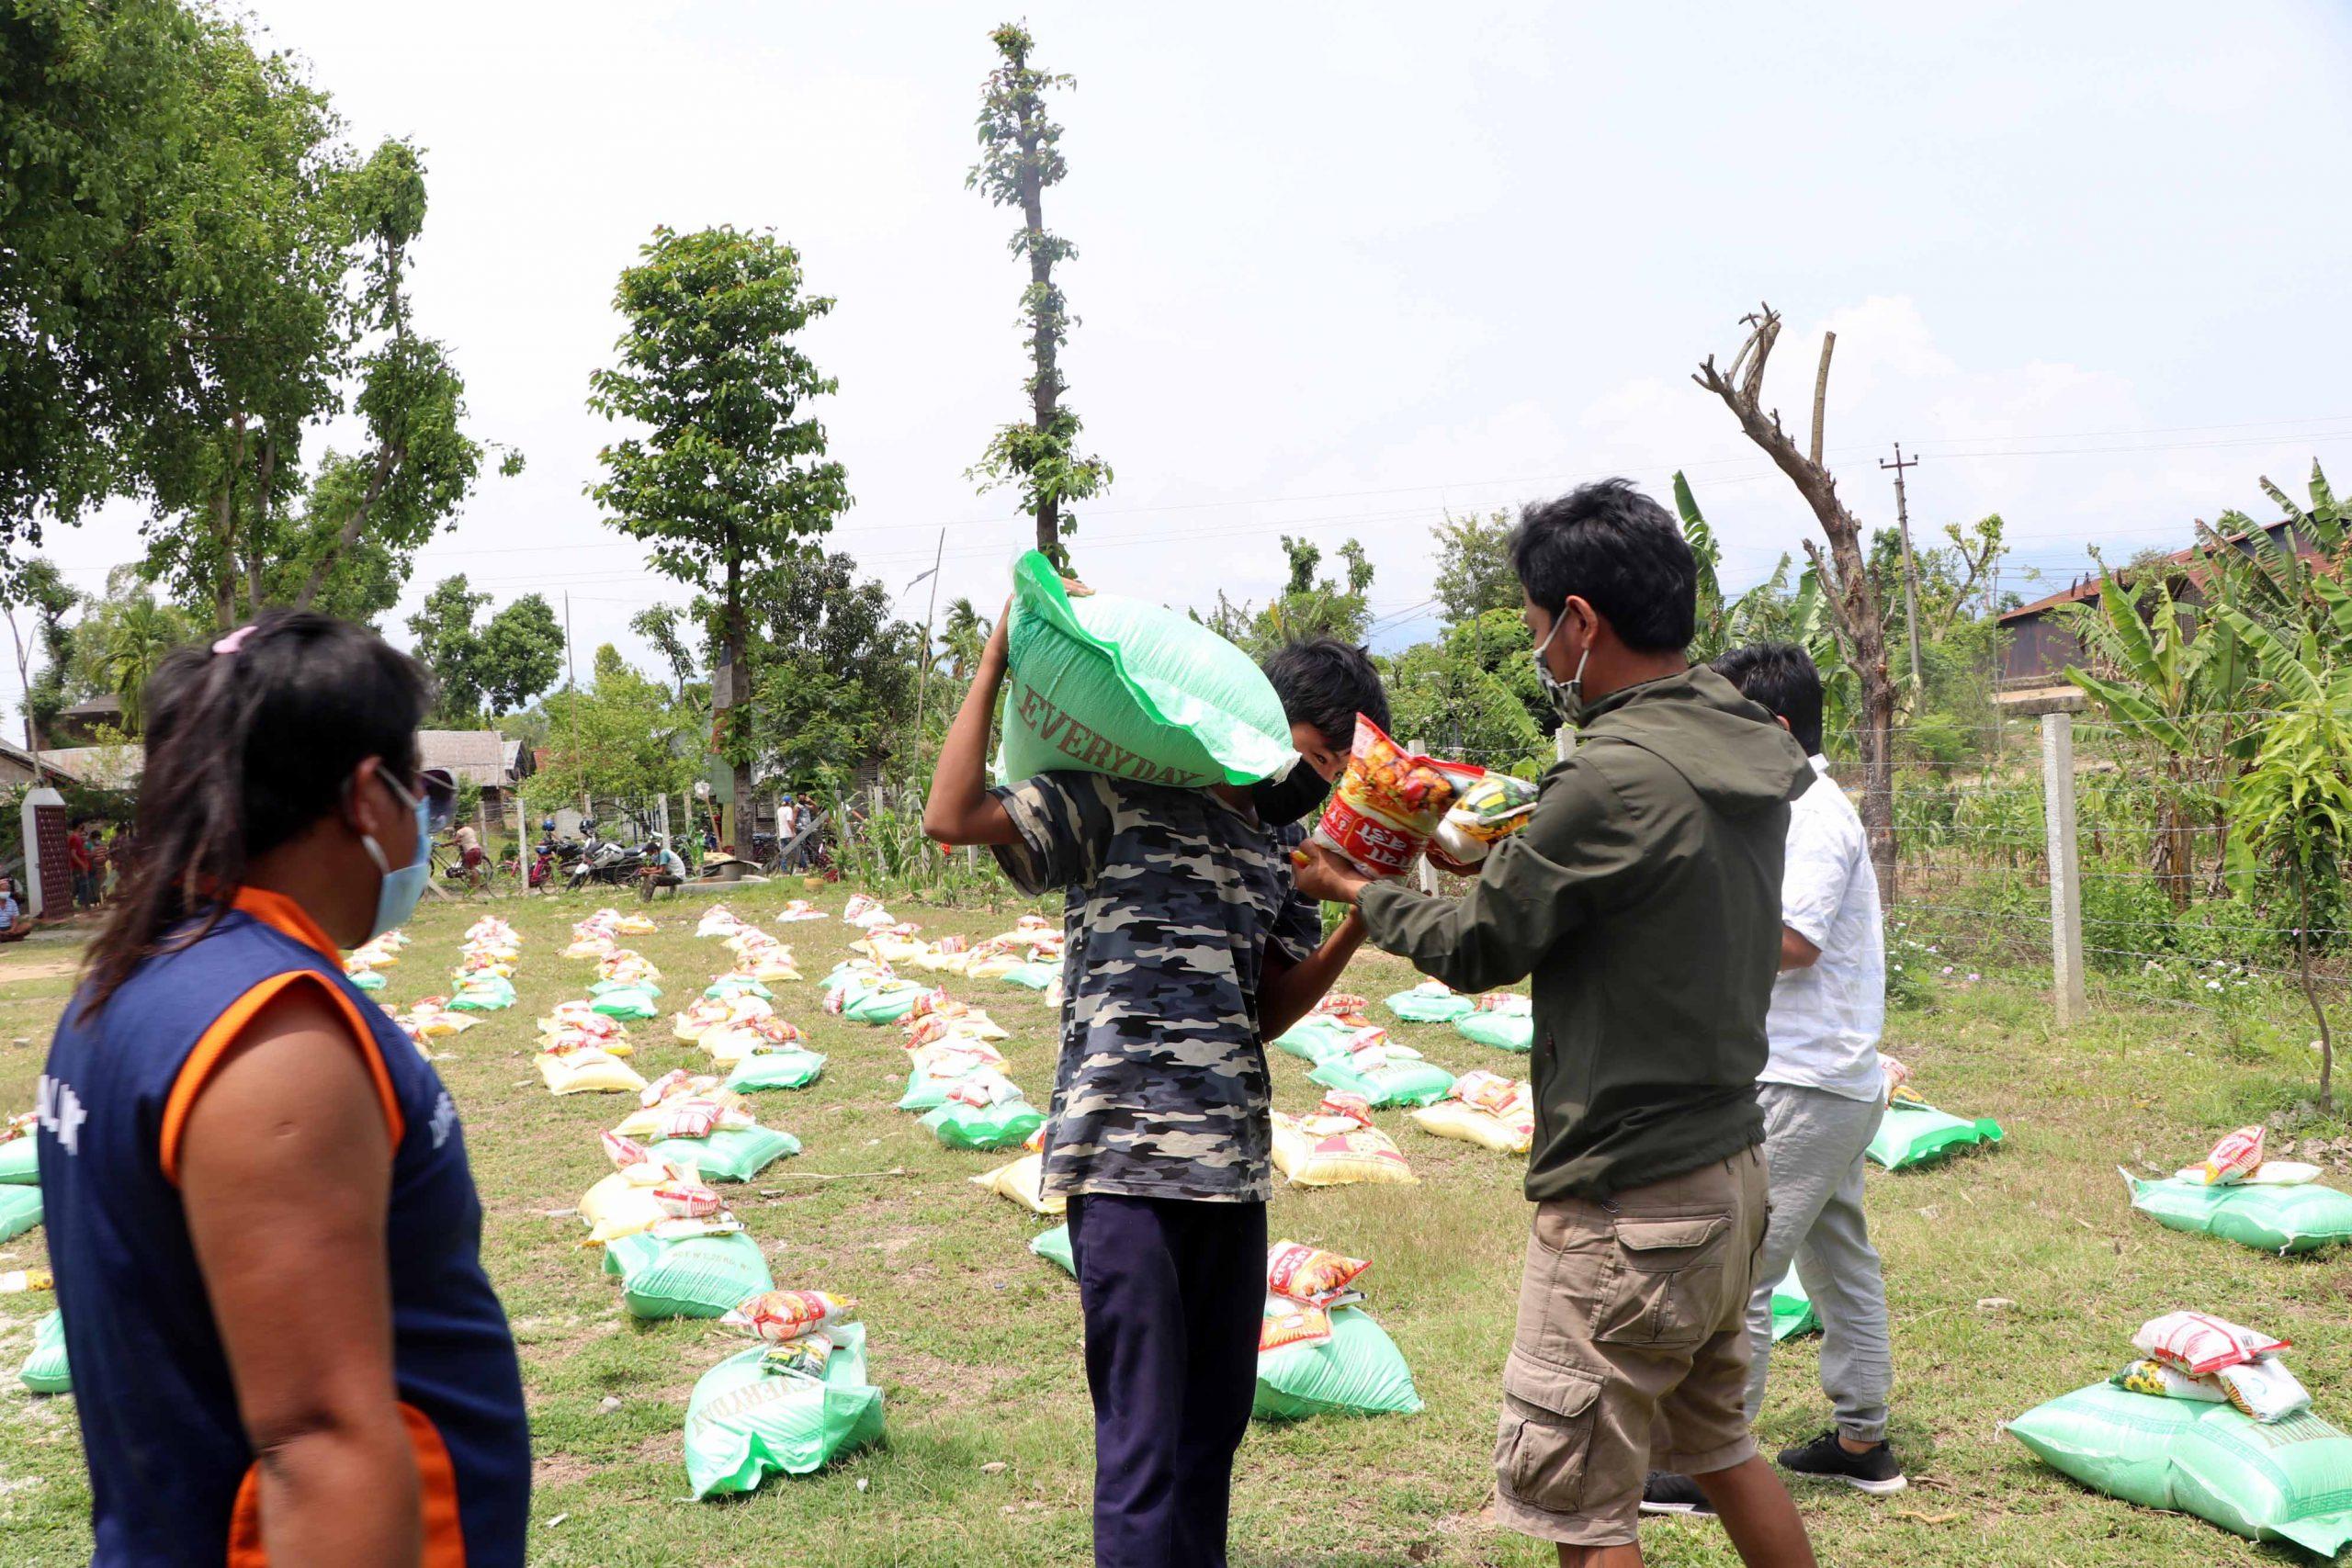 तेस्रो मुलुकमा रहेका नेपाली भाषी भूटानीद्धारा राहत सहयोग (भिडियो सहित)